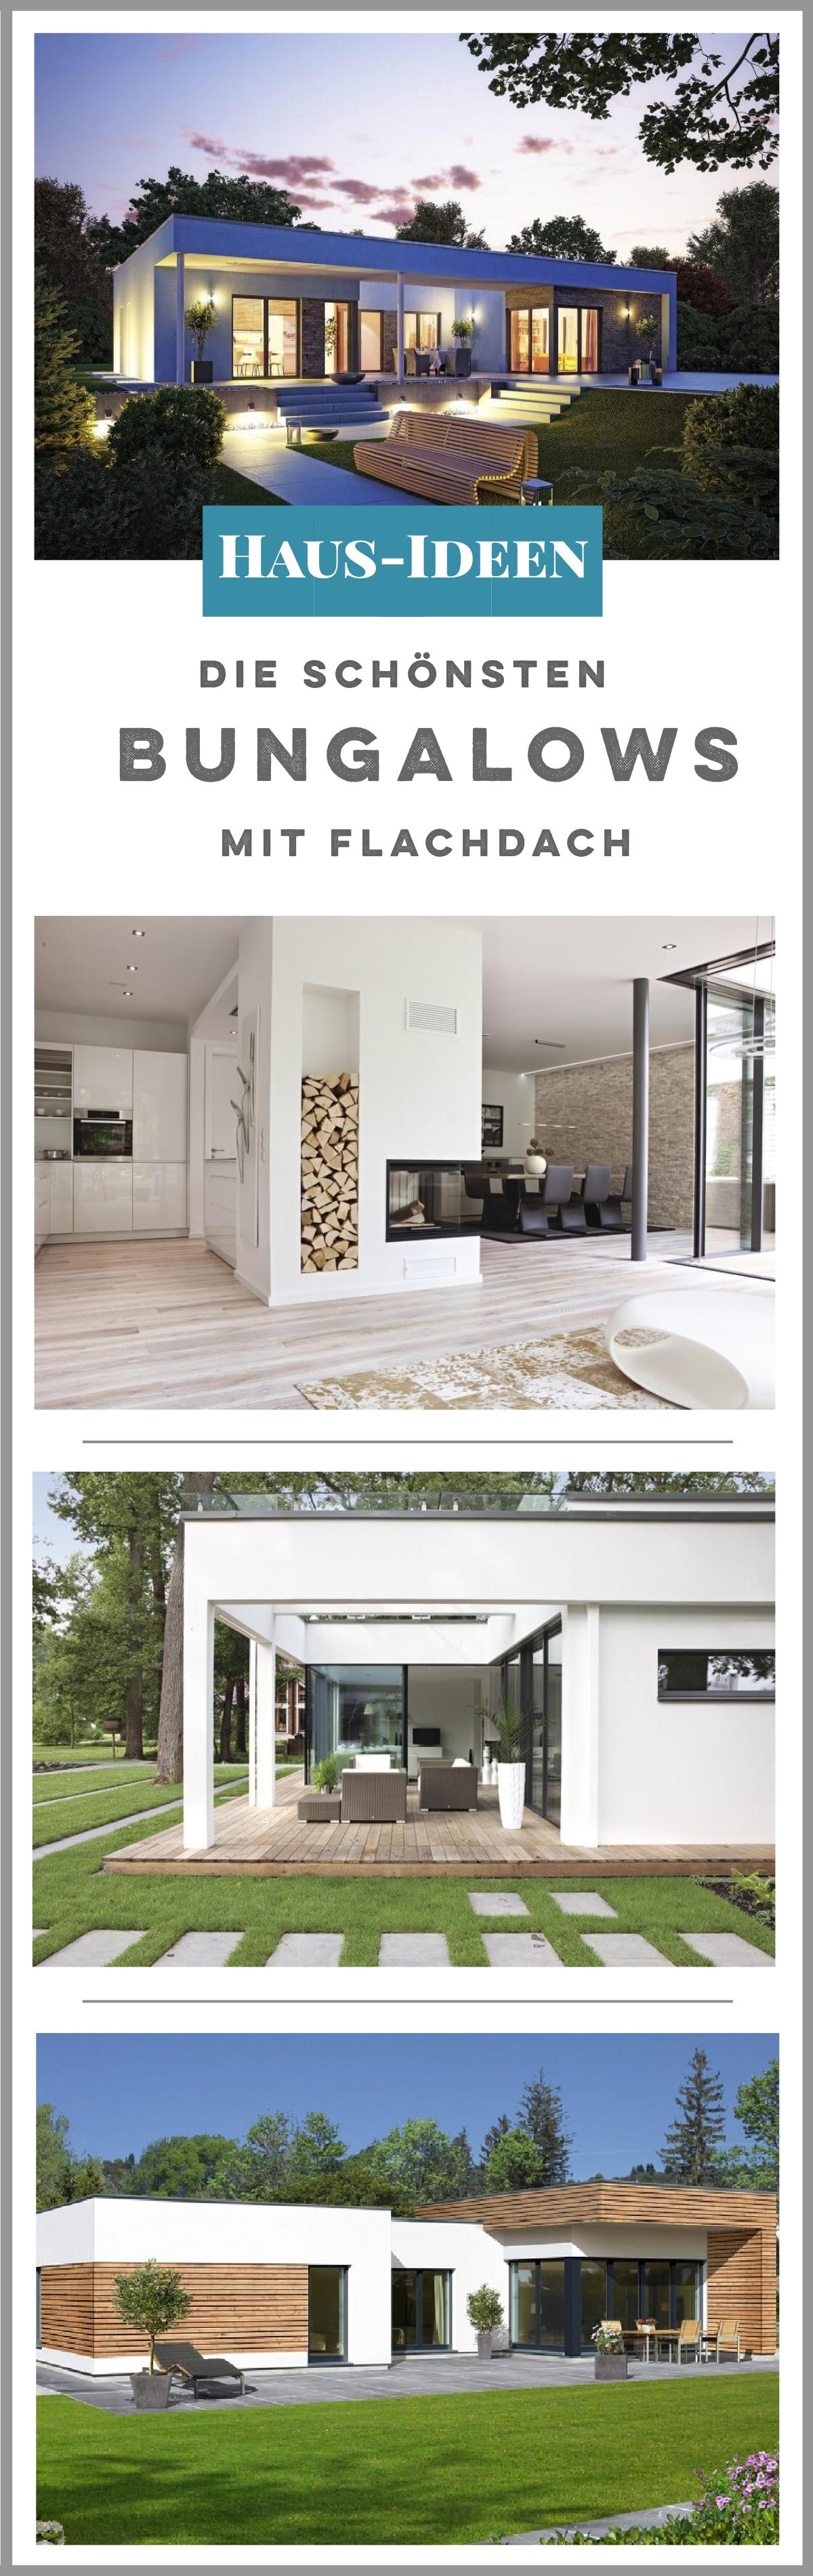 Awesome Bungalow Haus Mit Flachdach Bauen   Die Schönsten Häuser Auf  HausbauDirekt.de Finden